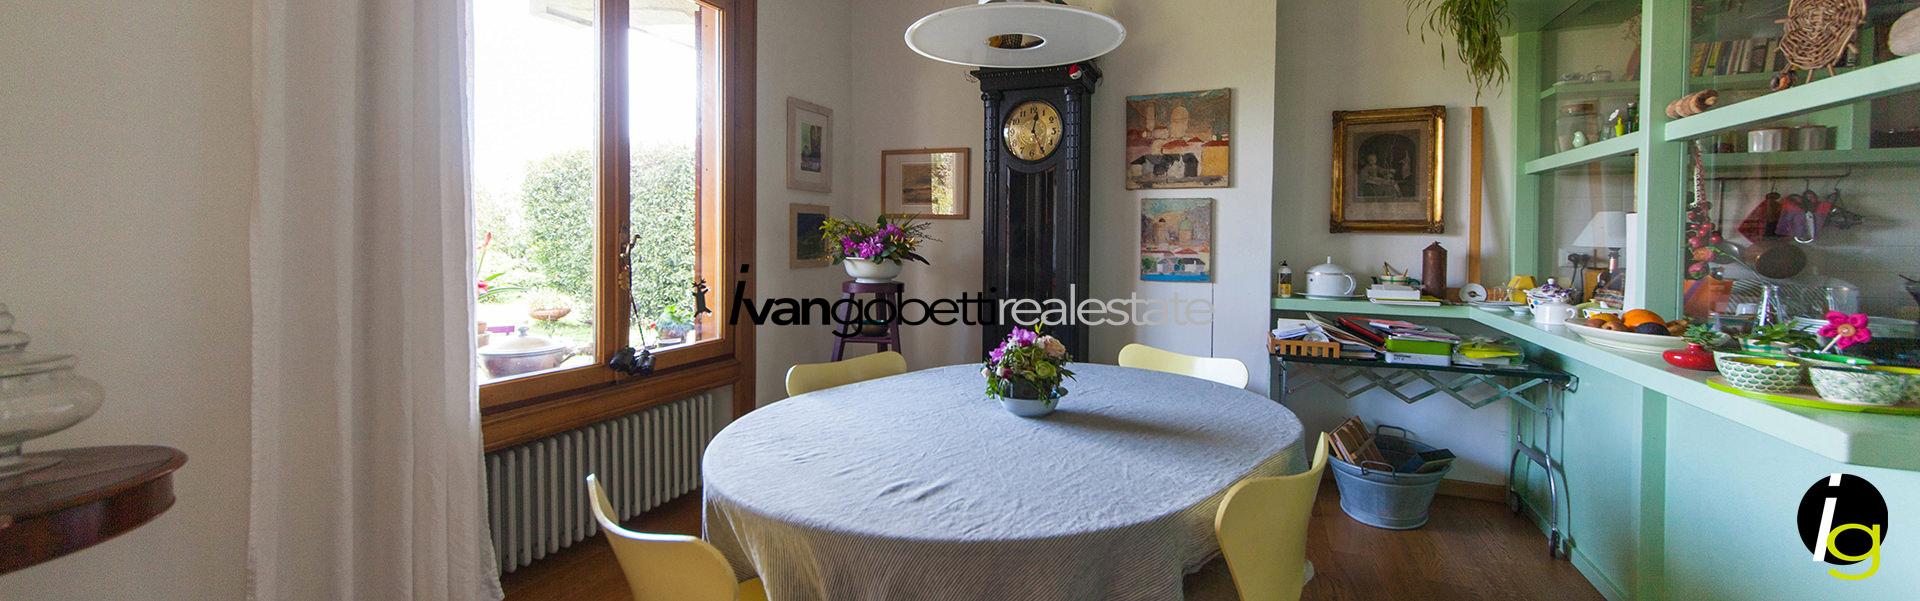 Vendesi villa in sasso con vista del Lago Maggiore, Verbania